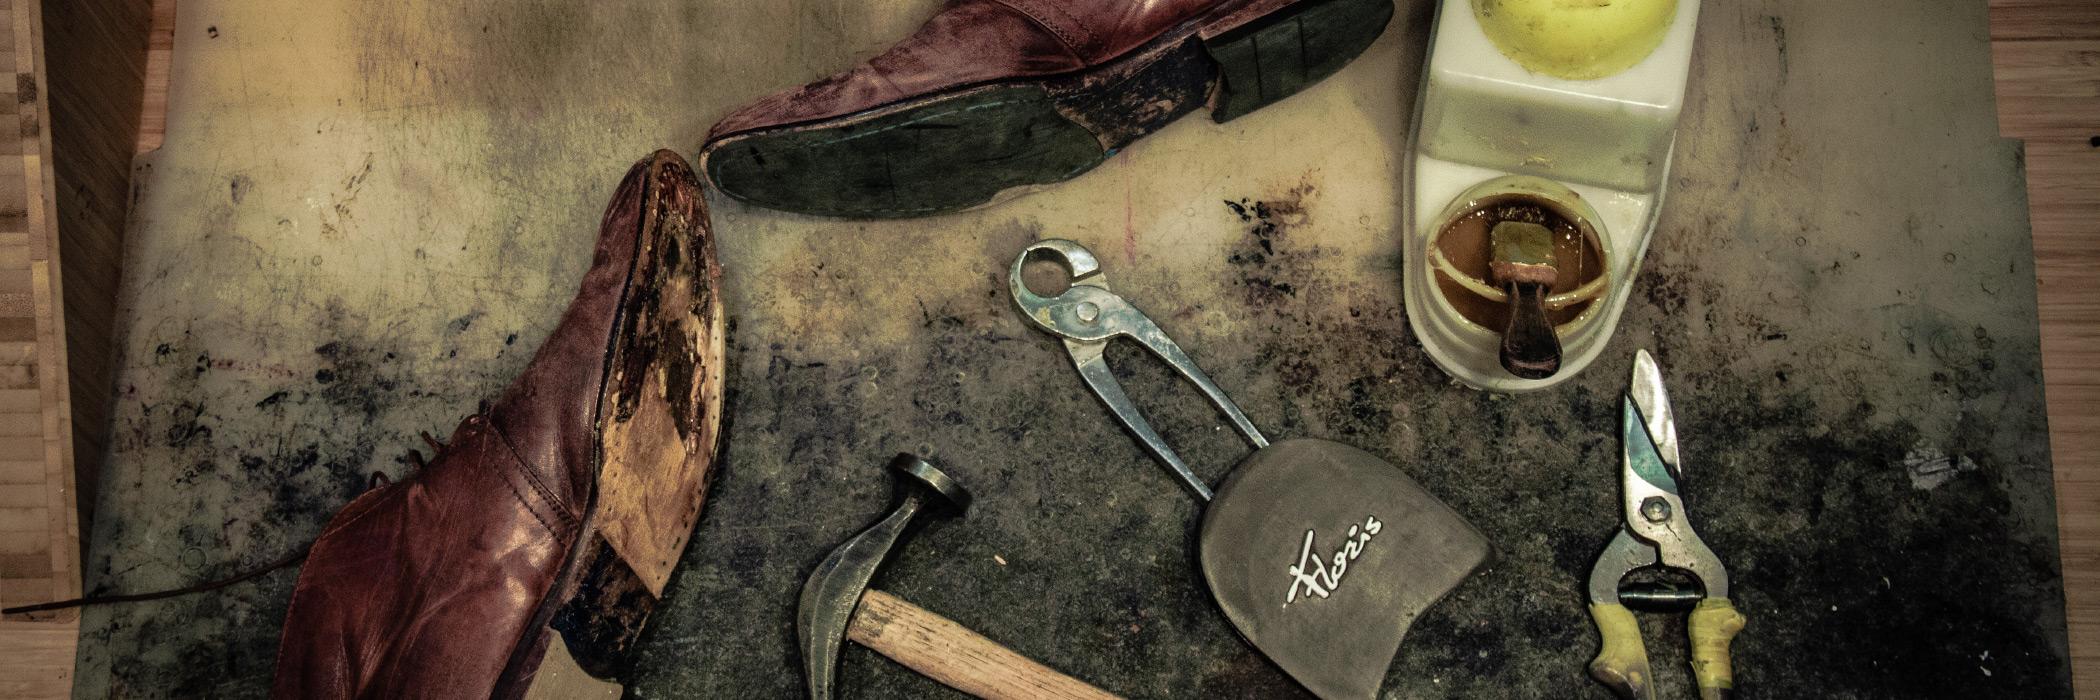 Rotonde Schoenmakerij - Schoen Reparaties